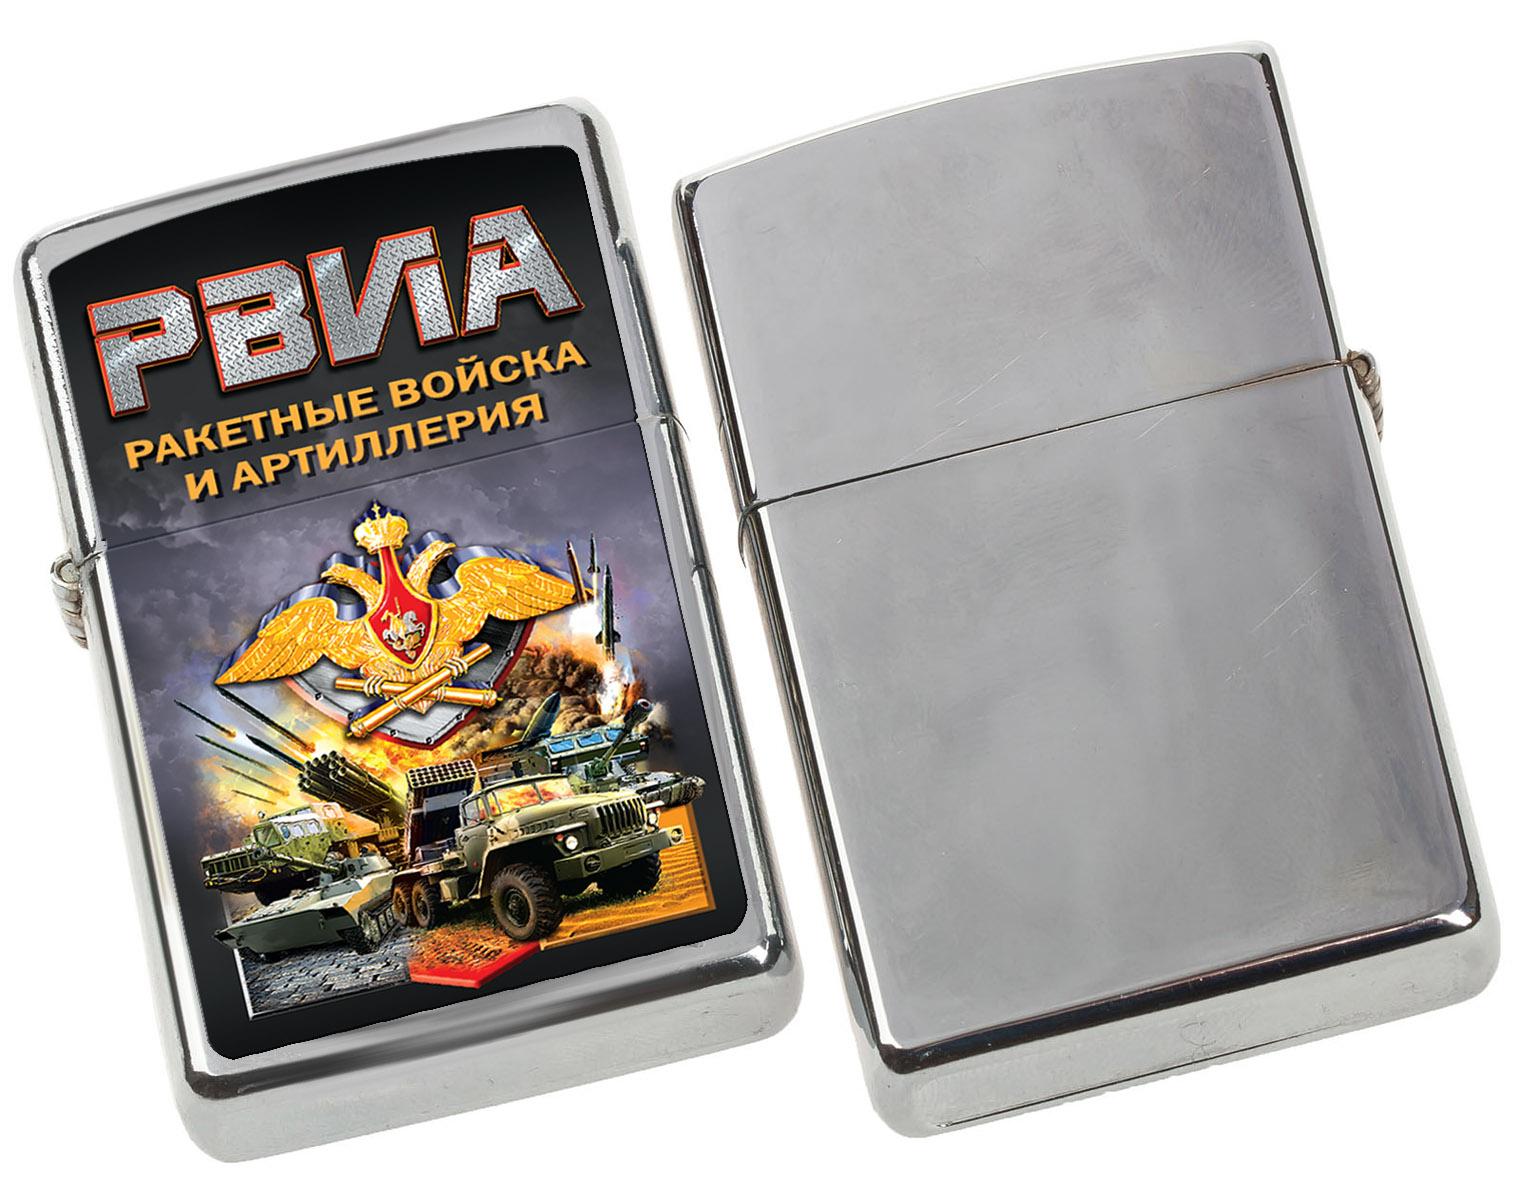 Сувенирная зажигалка РВиА по выгодной цене